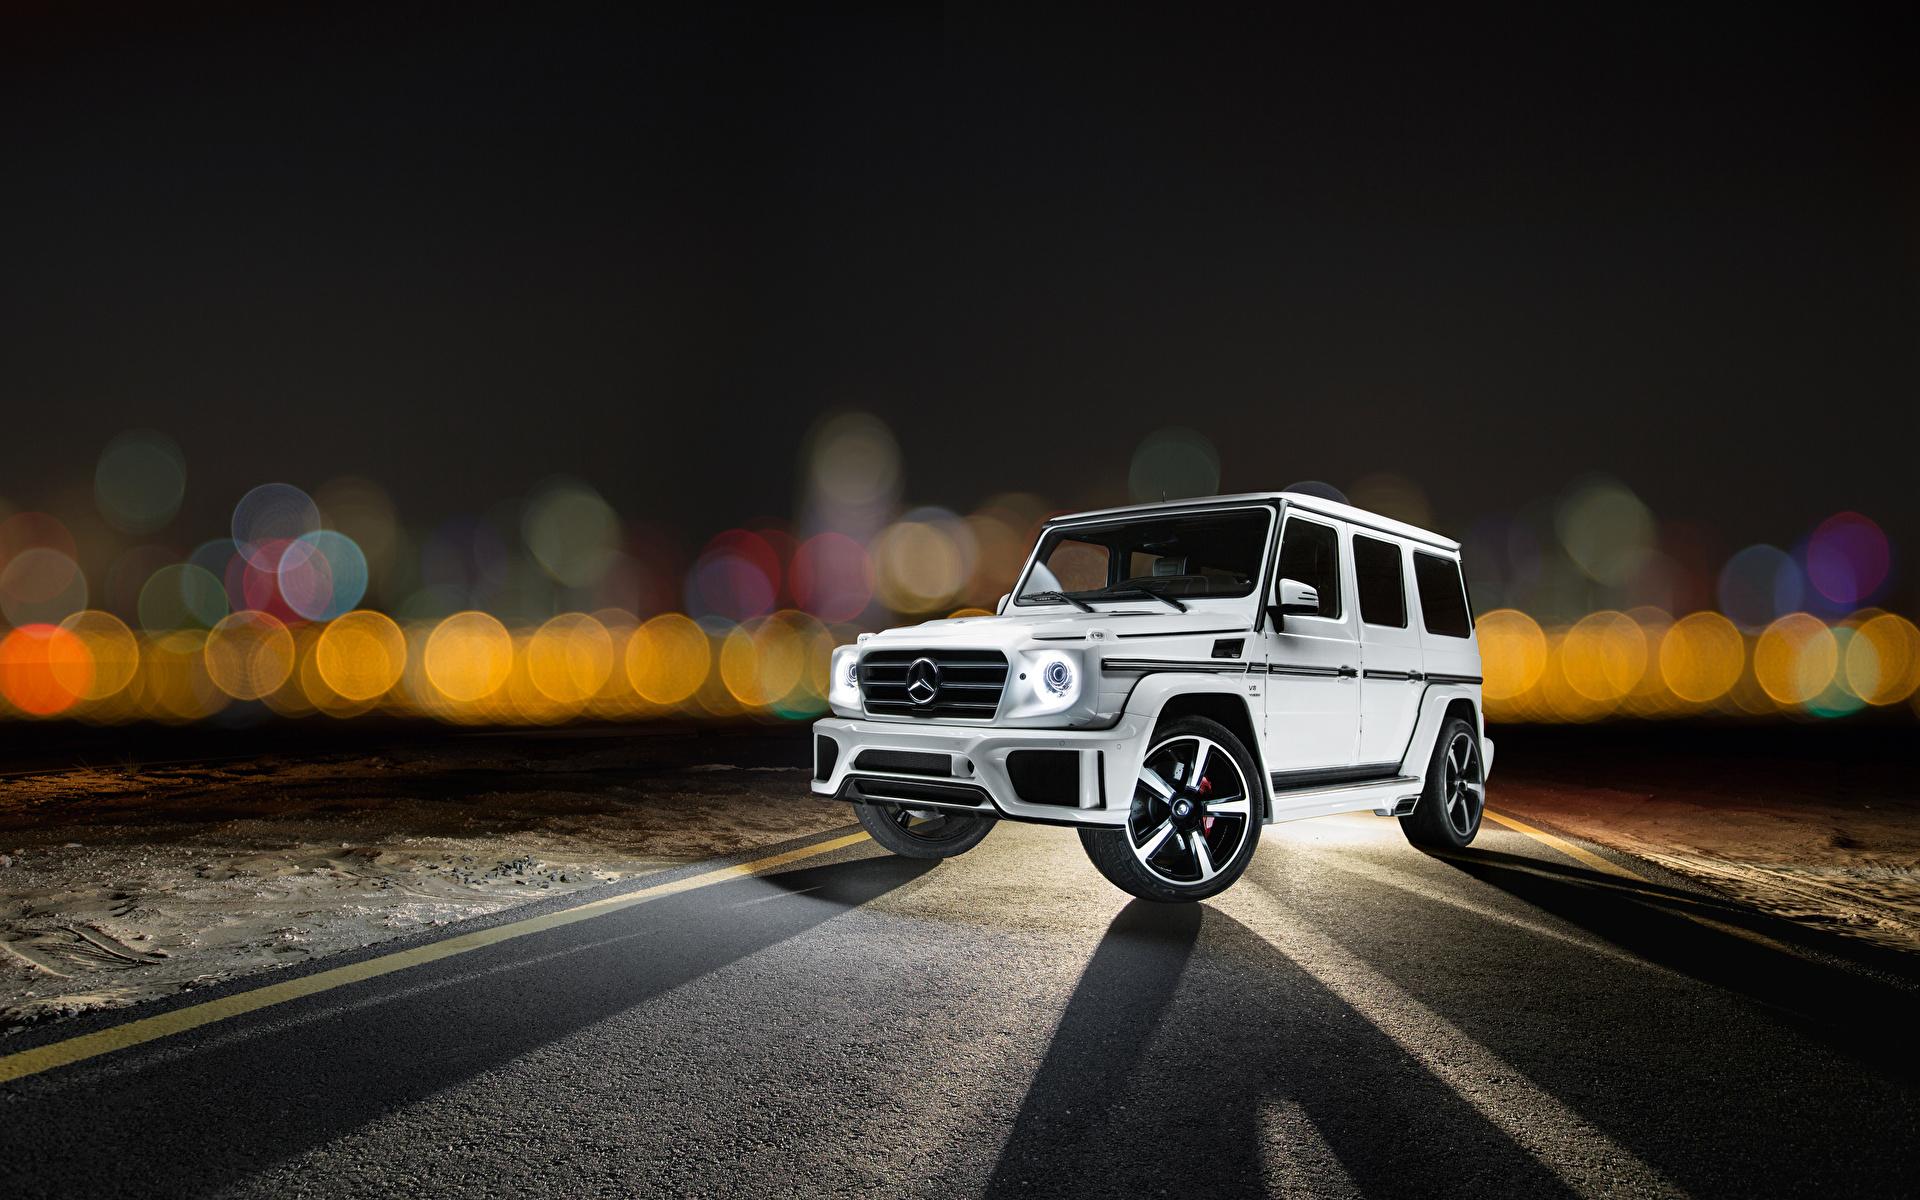 Фотография Машины Mercedes-Benz 2014 Ares Design G-Klasse W463 G-класс Белый 1920x1200 Авто Автомобили Мерседес бенц Гелентваген